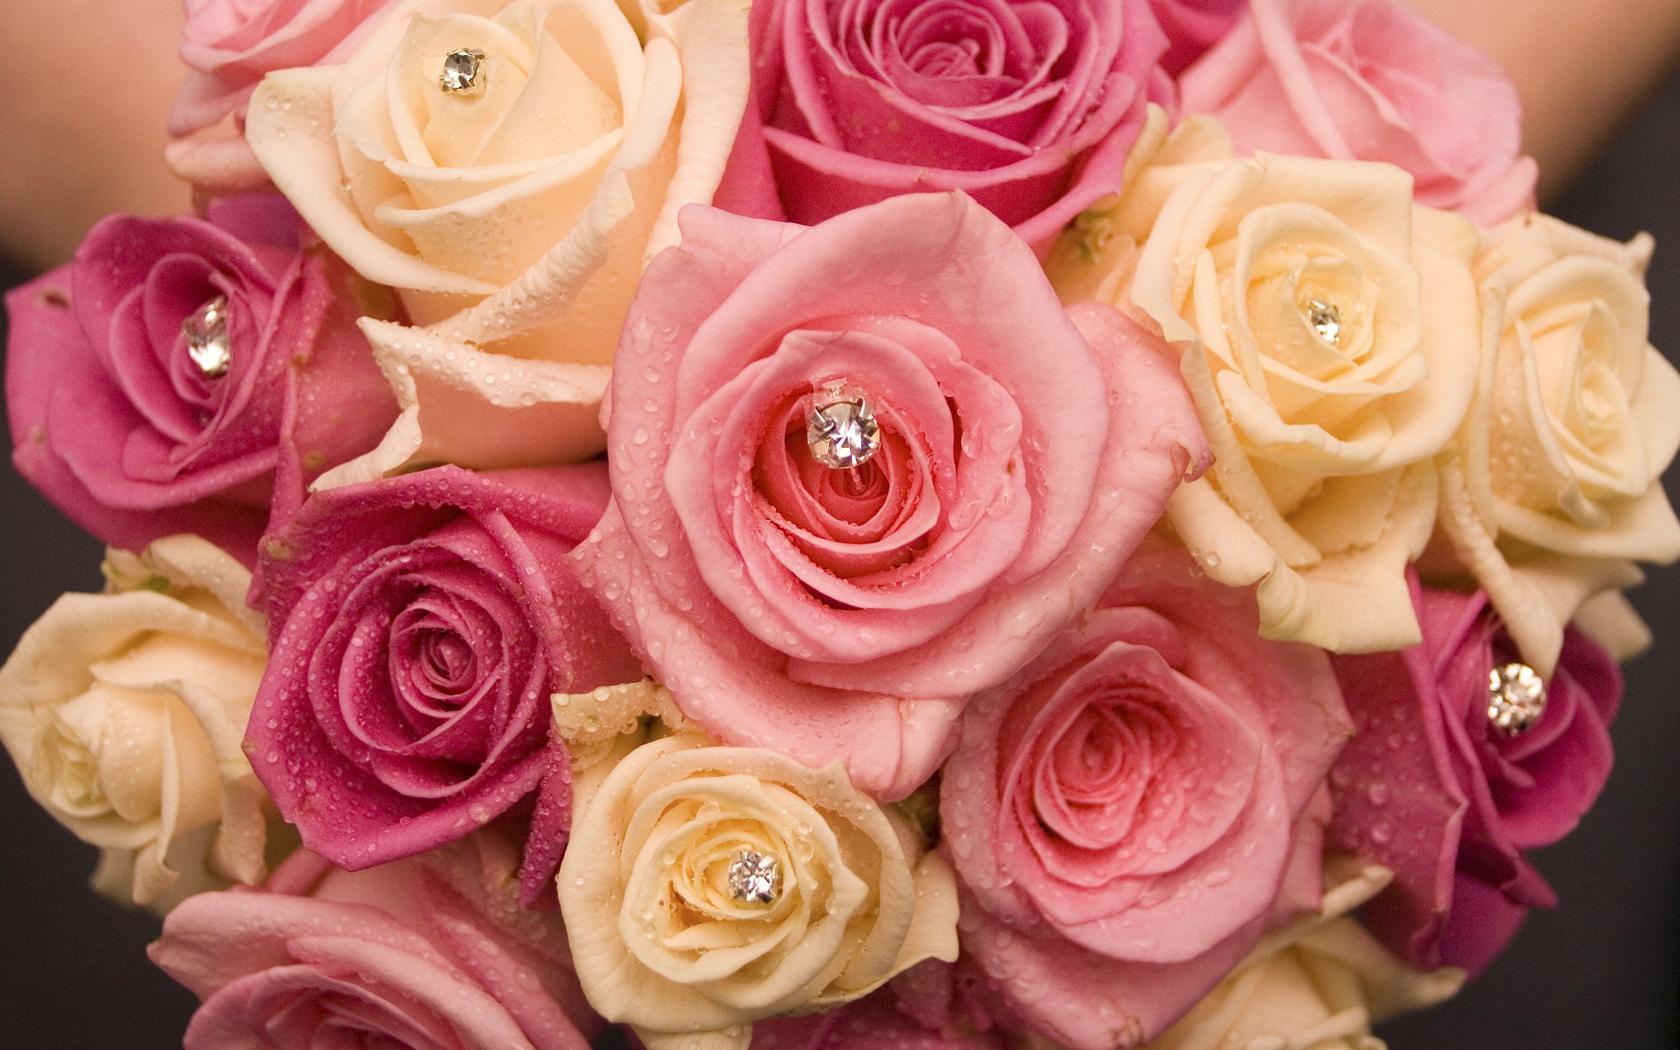 всего розовые розы фото букеты красивые с бриллиантами заниматься, сначала